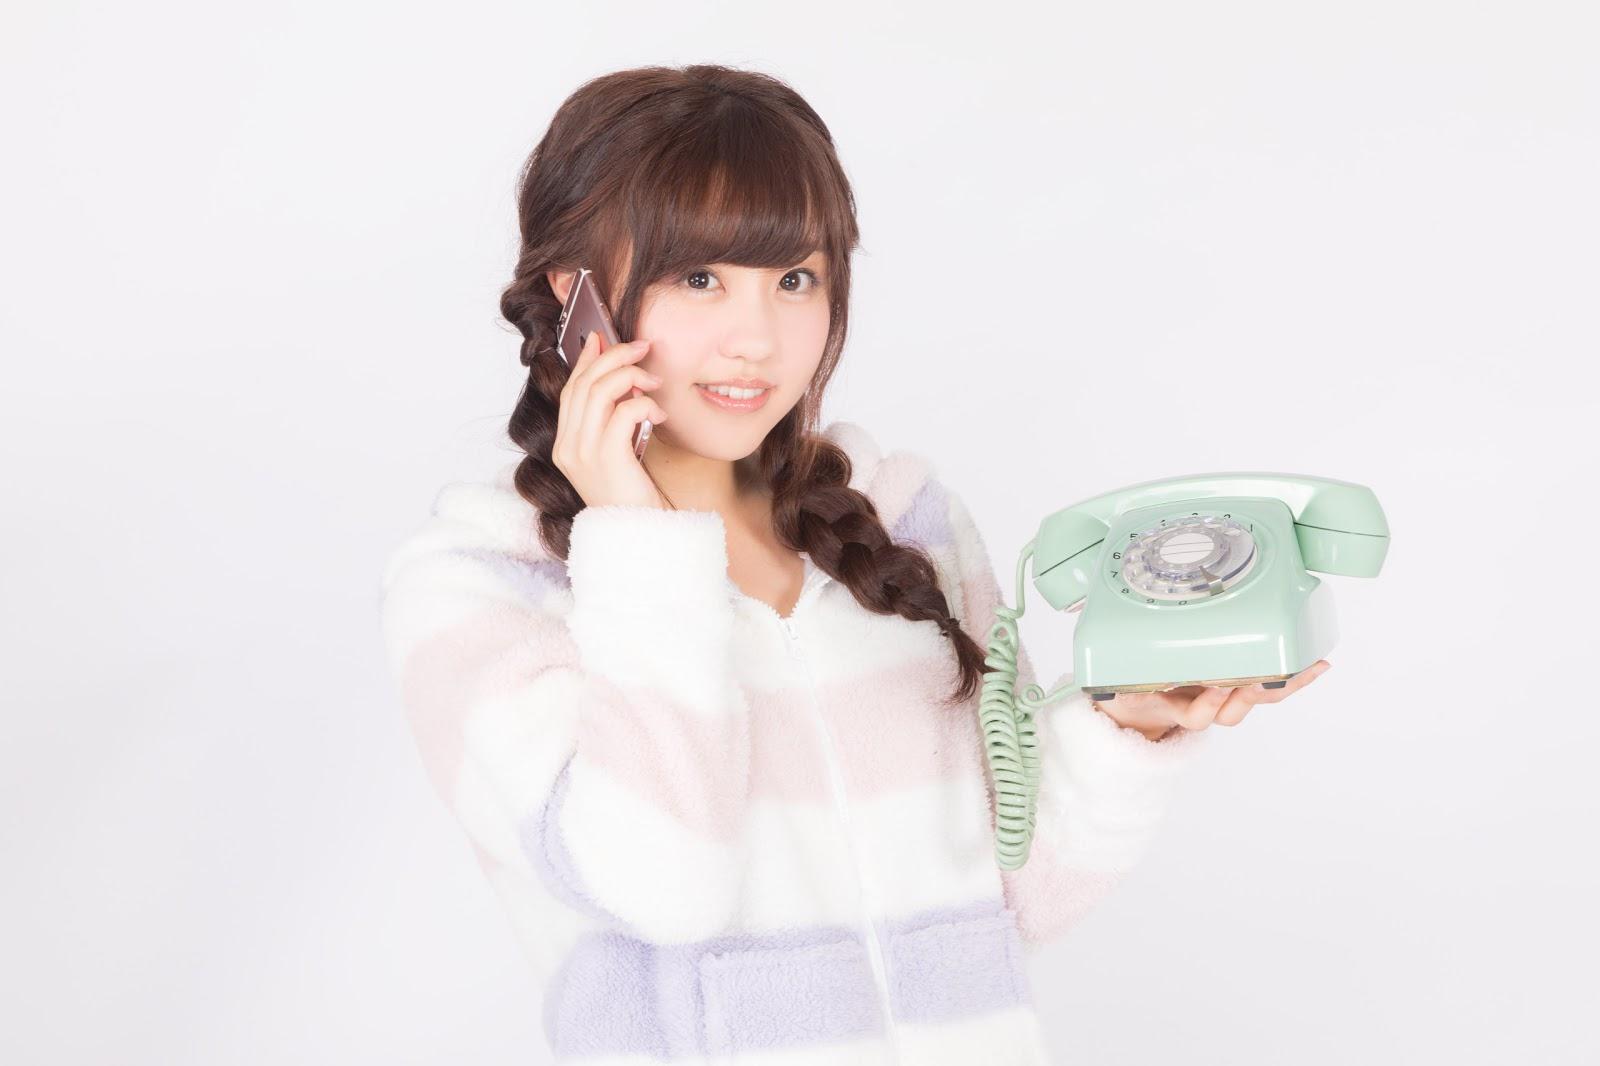 河村友歌がモデルの写真:ダイヤル式電話機の使い方がわからずスマホから電話する平成生まれ